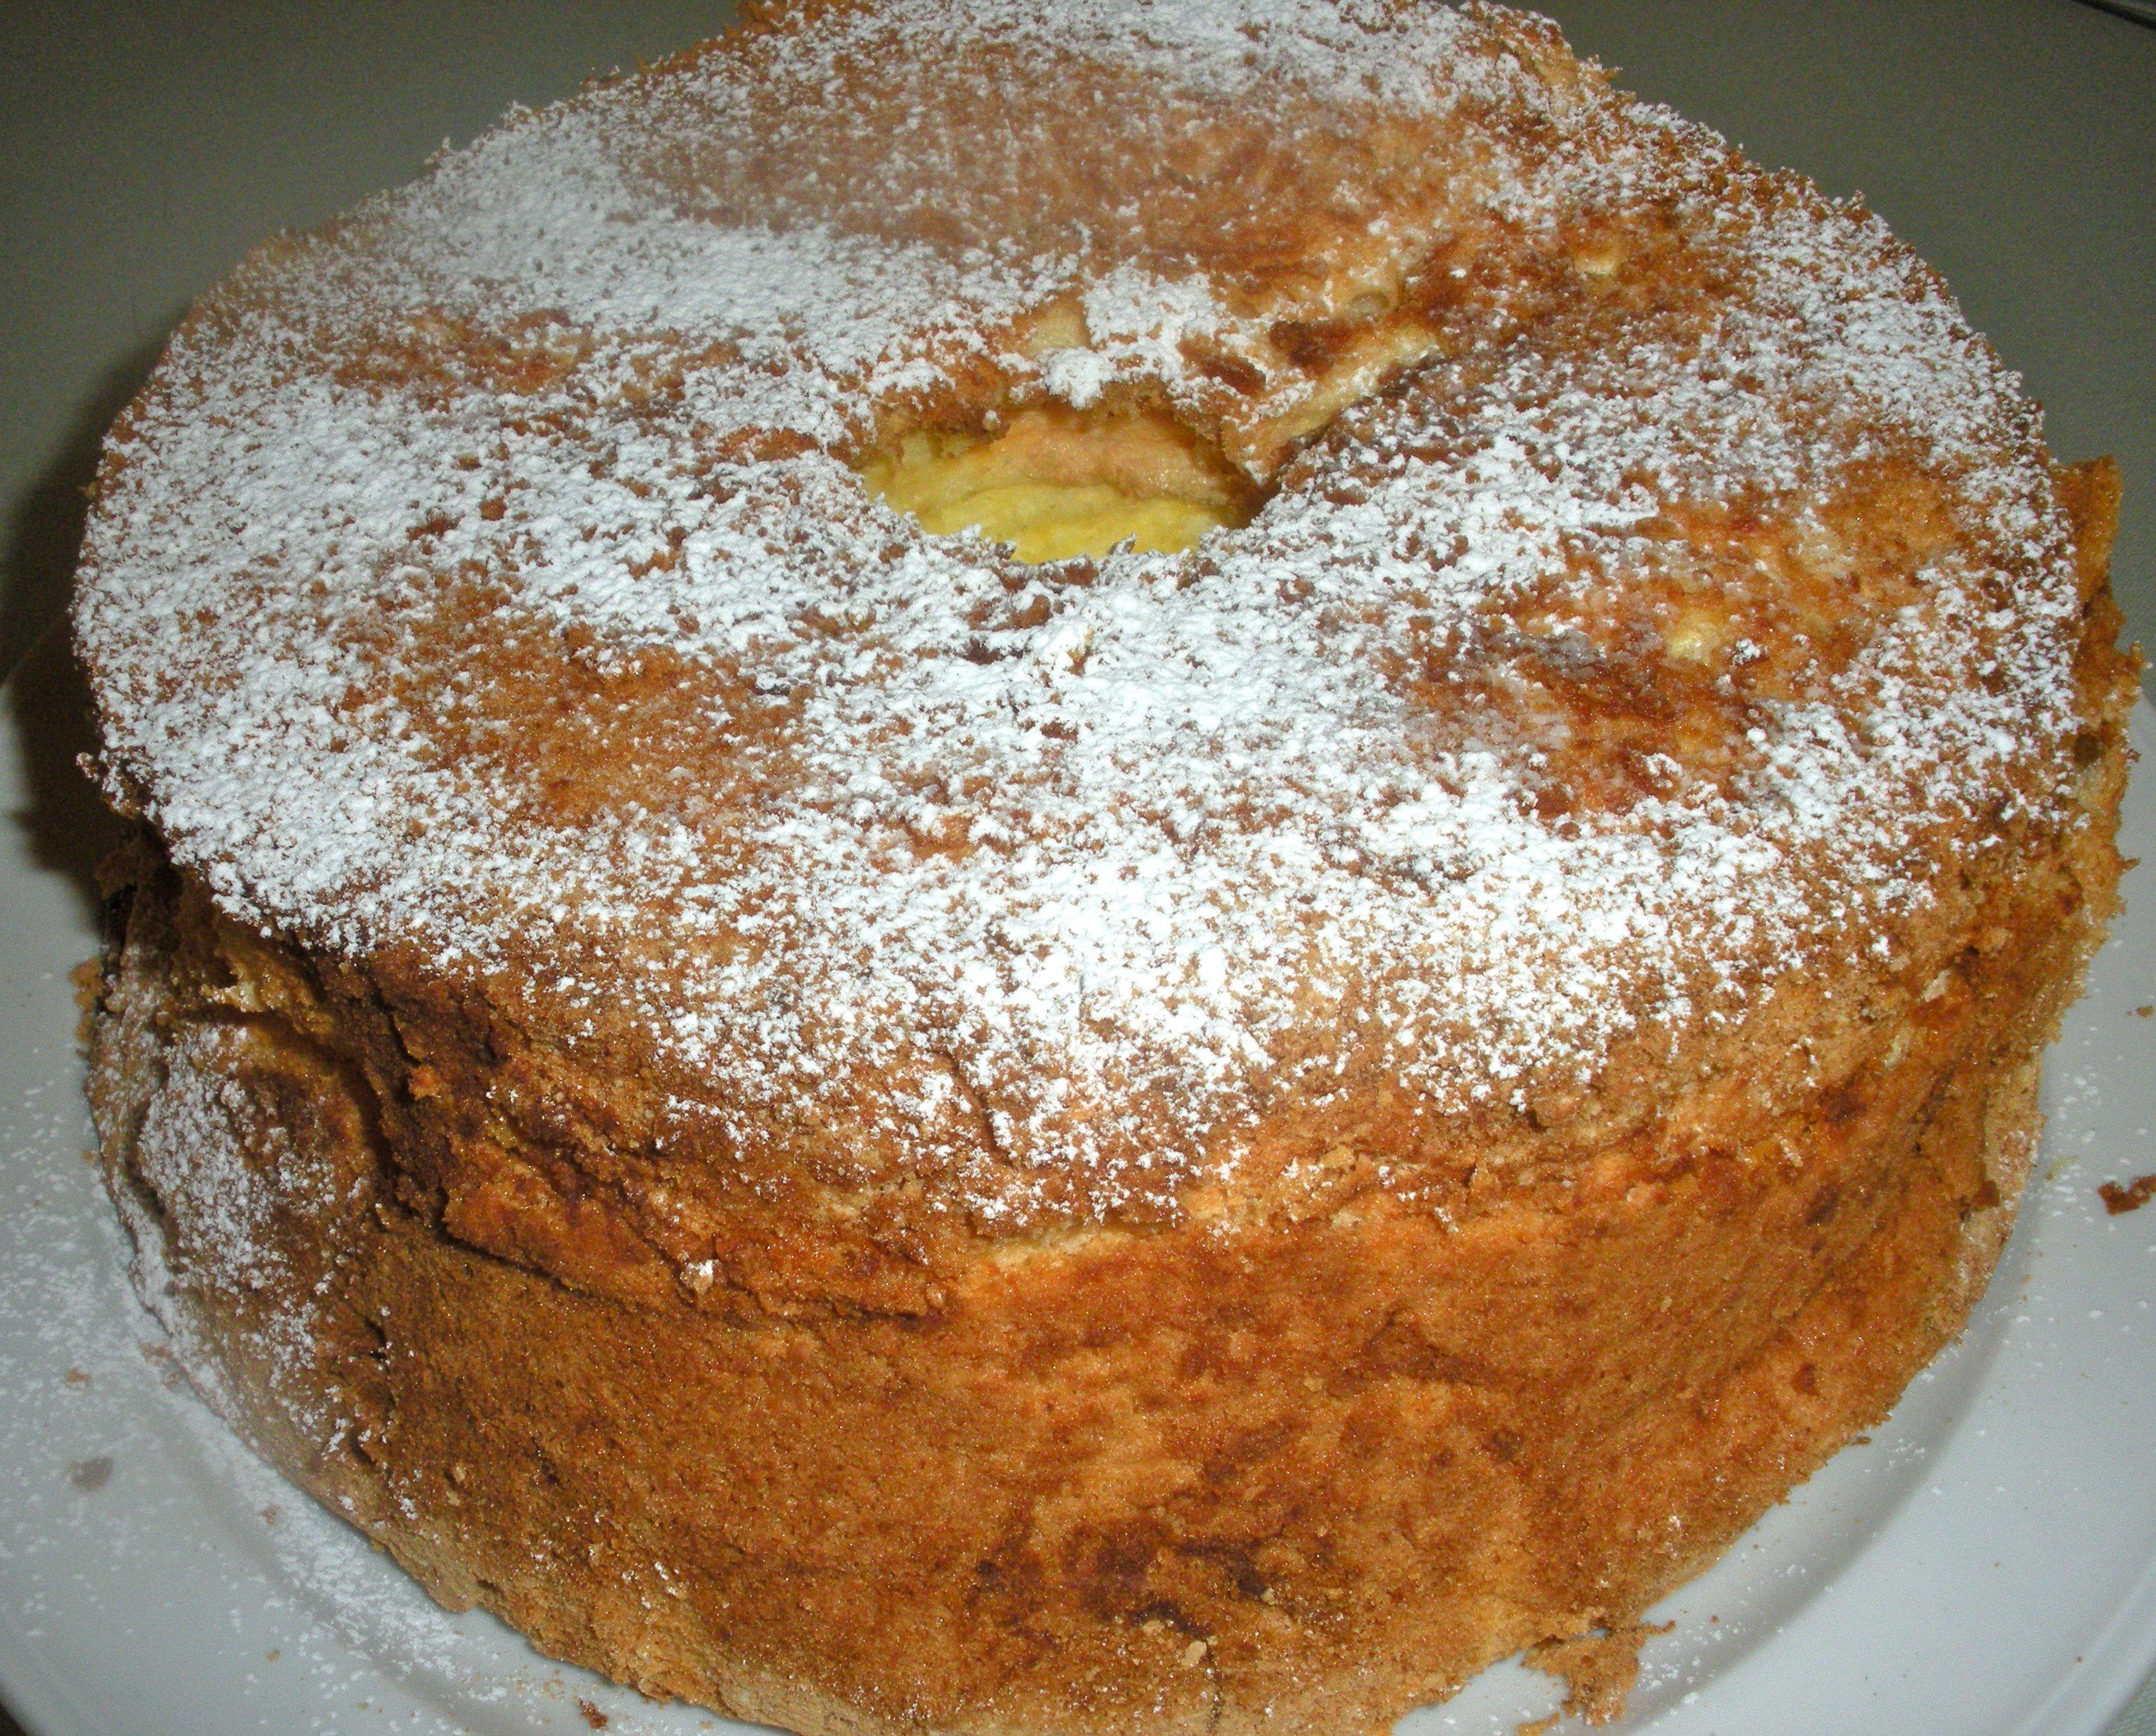 Passover Sponge Cake  Passover Lemon Sponge Cake Recipe on Food52